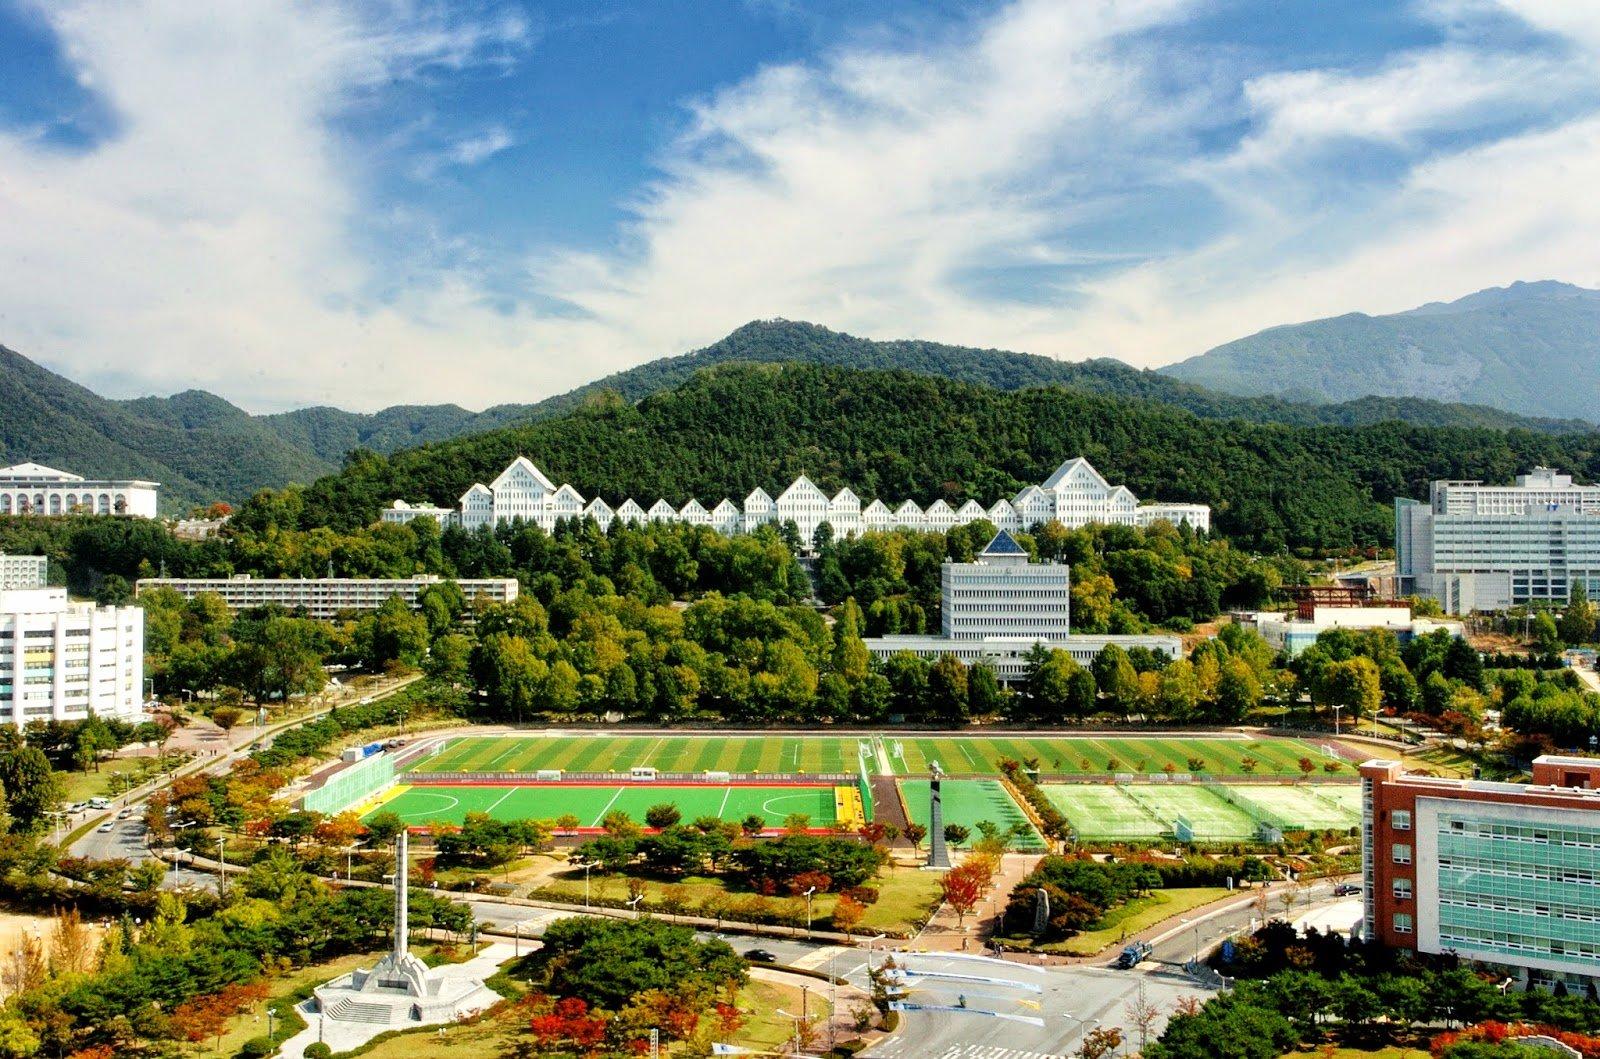 Khuôn viên Đại học Chosun Hàn Quốc